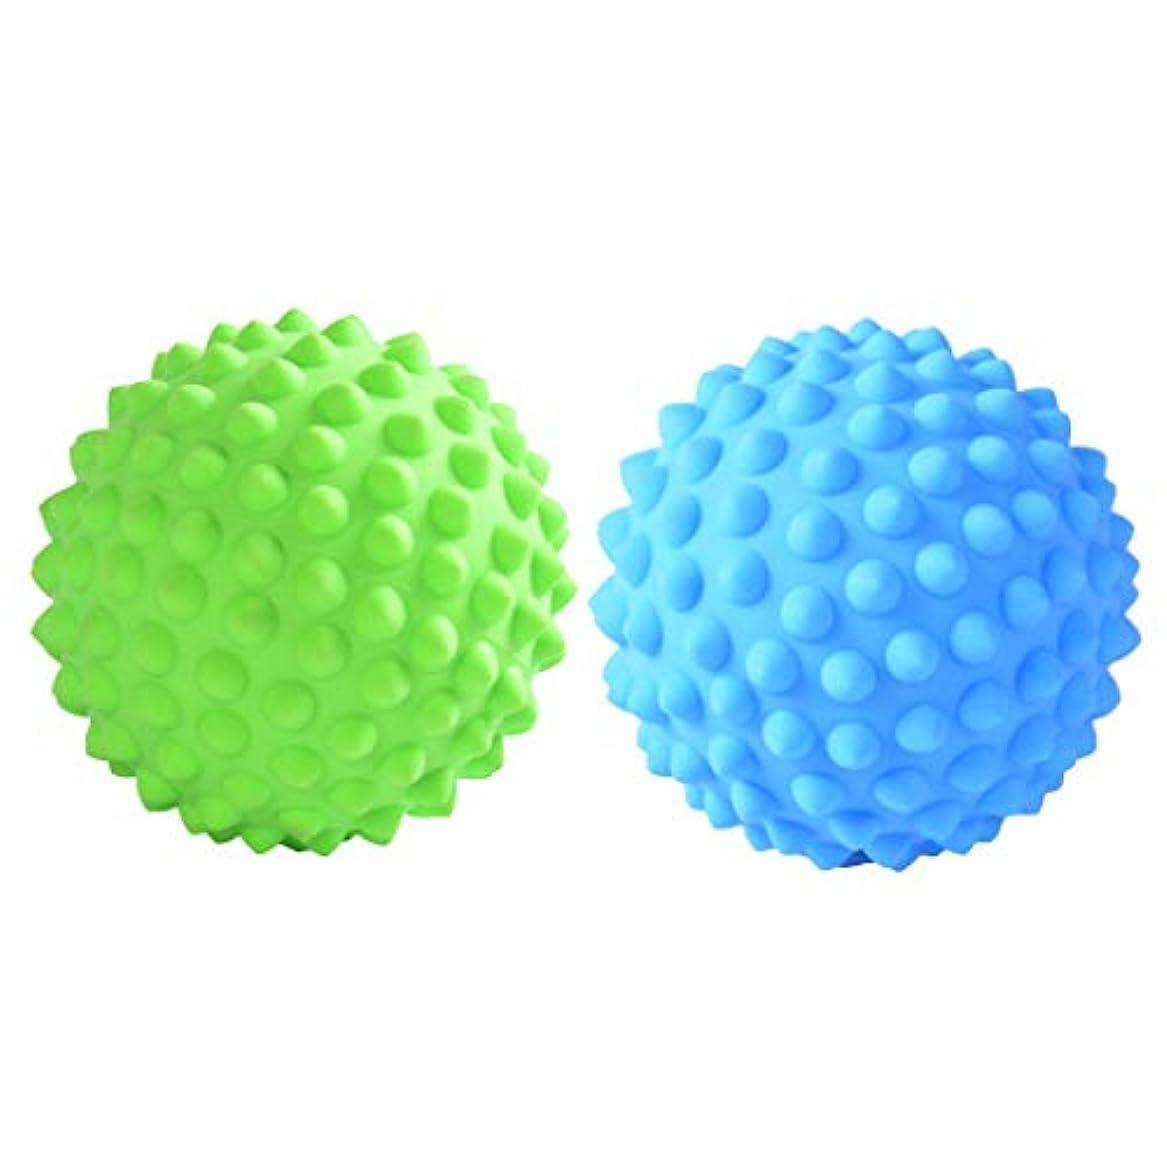 書士選ぶ落ち着かないマッサージローラーボール 指圧ボール PVC トリガーポイント 筋膜 疲労軽減 健康的 2個入